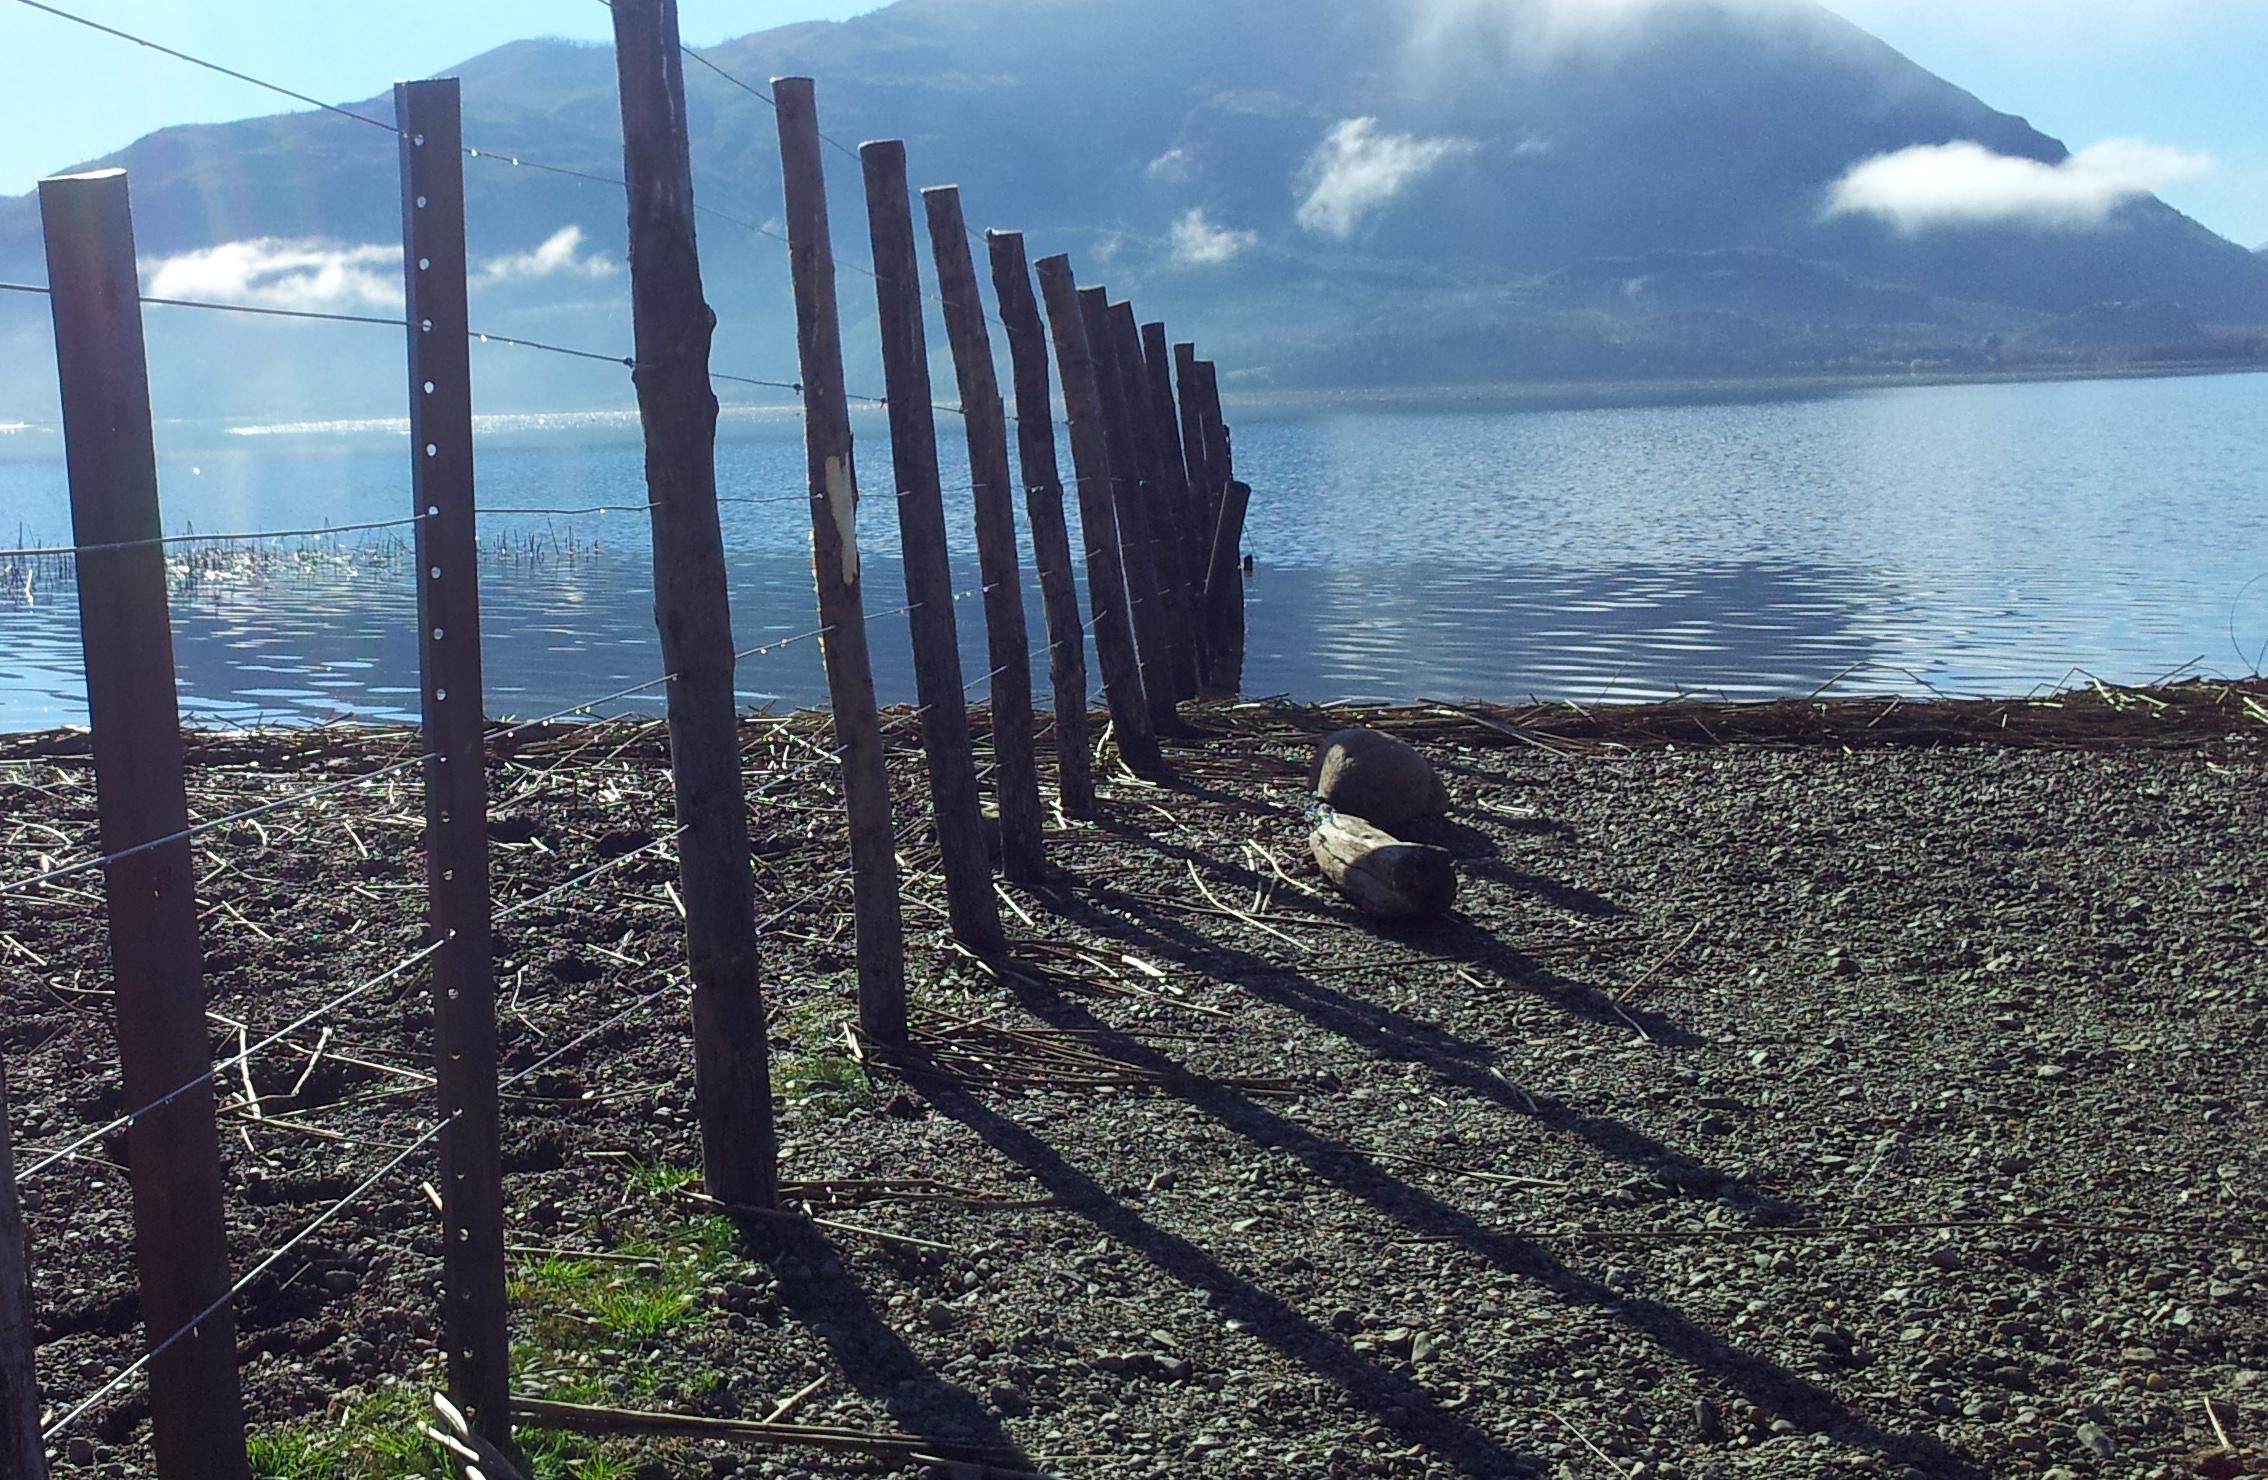 Piden a las provincias cumplir la Ley Nacional de Catastro y que los lagos sean «de dominio público»